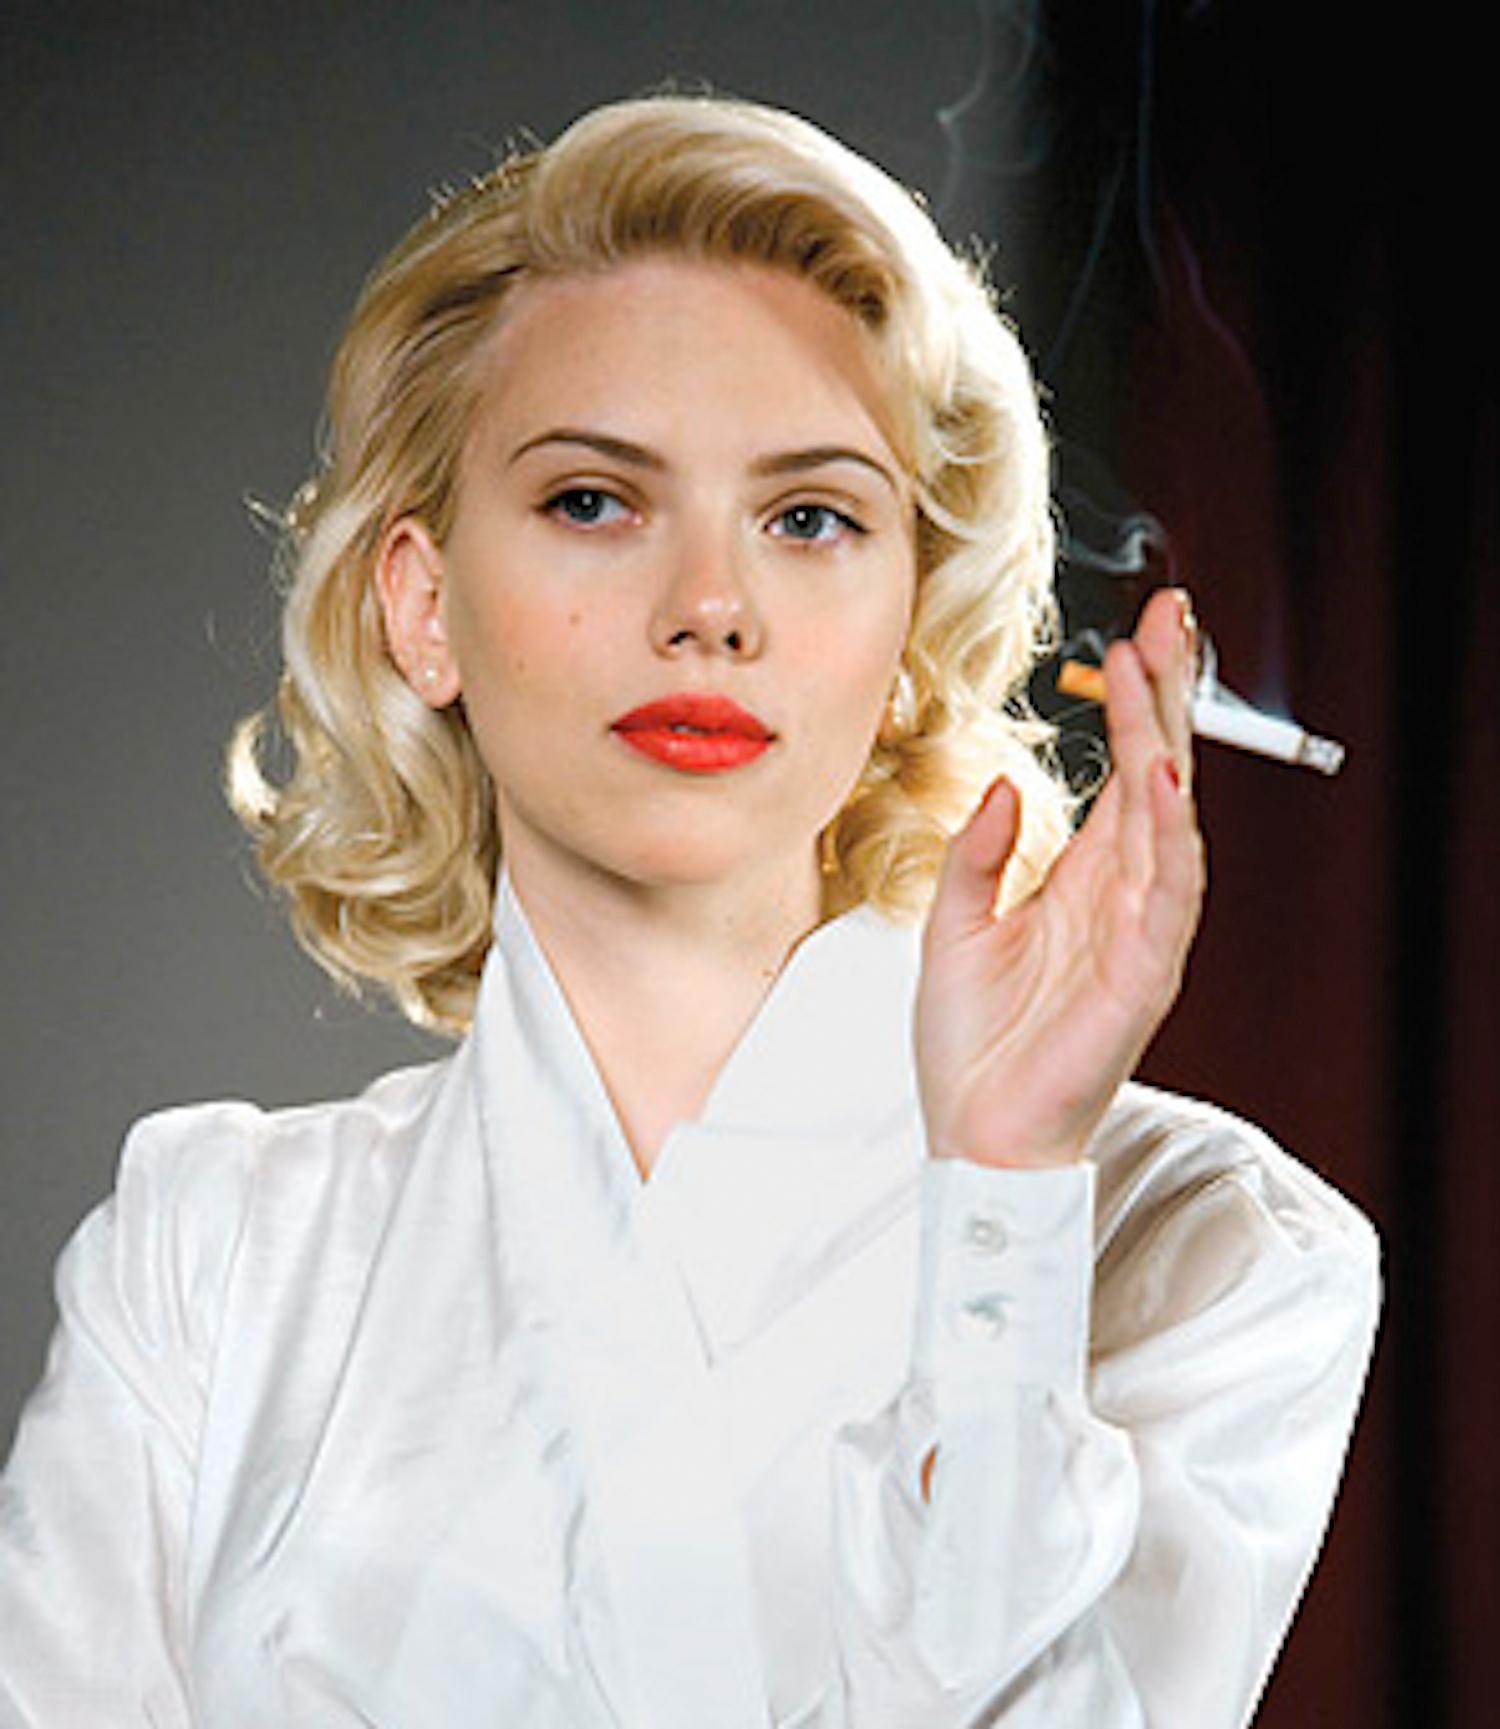 более, что фото курящих красивых актрис рецепт